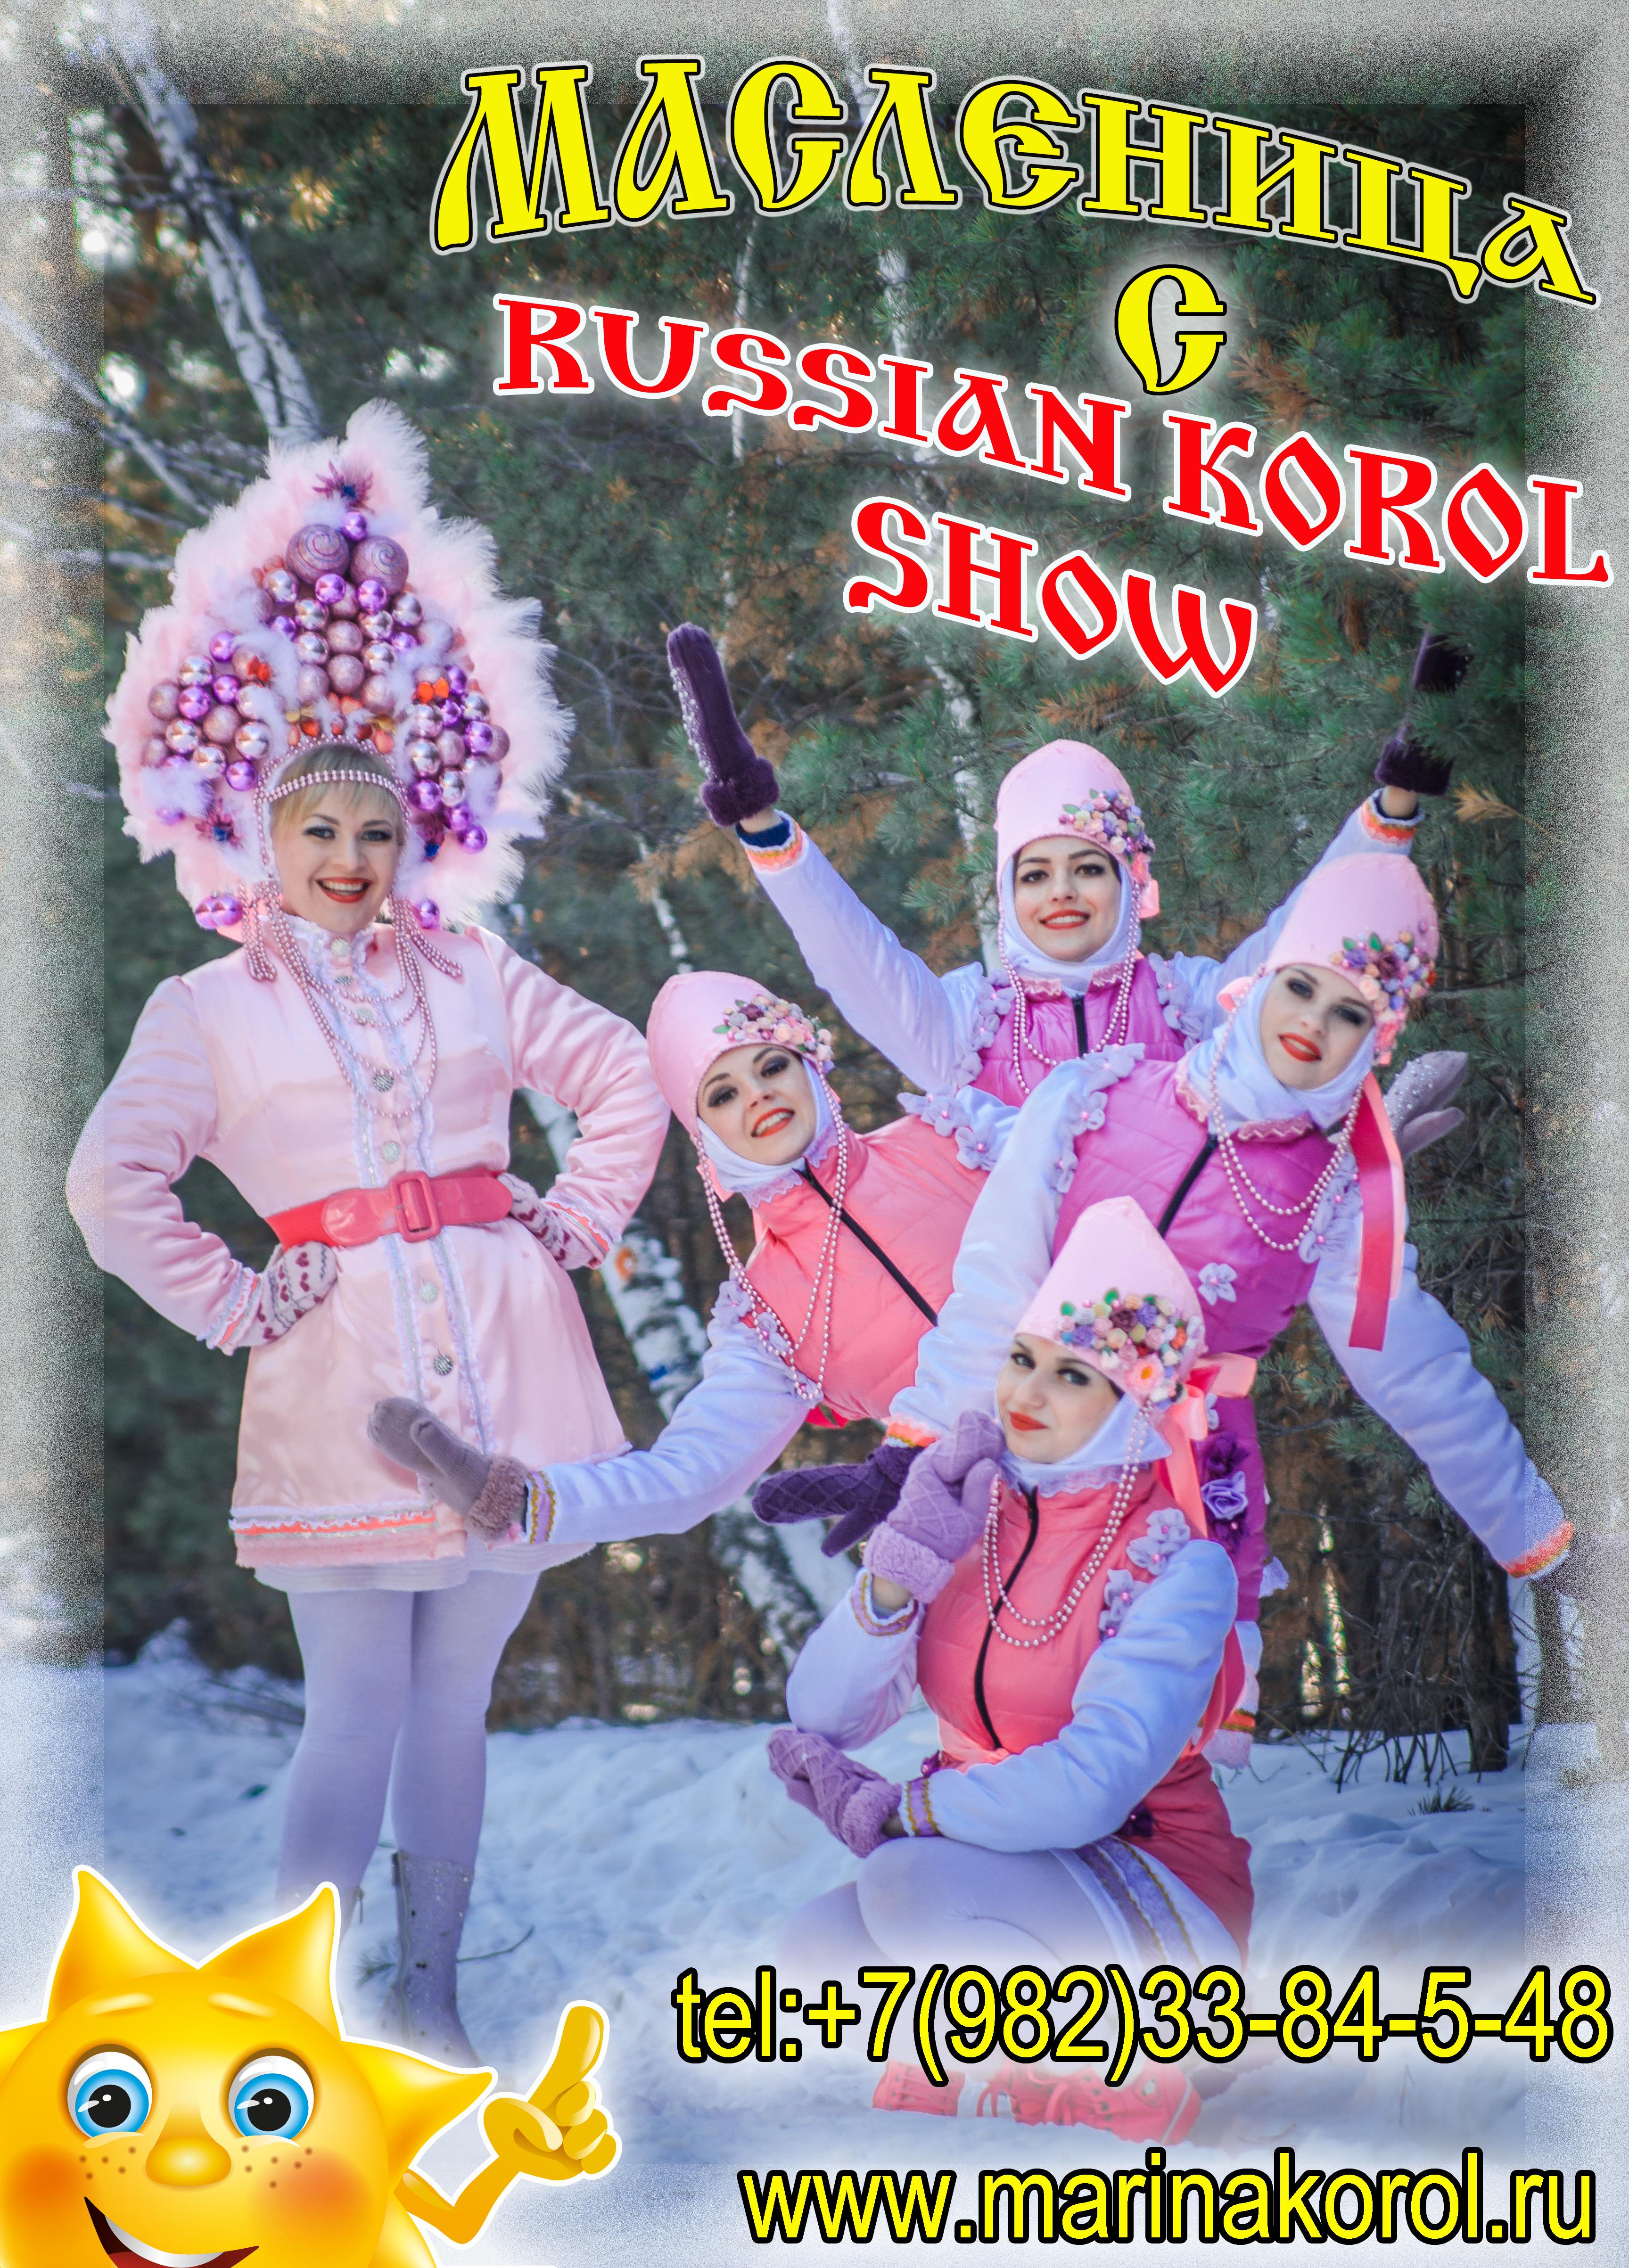 RussianKorolShow